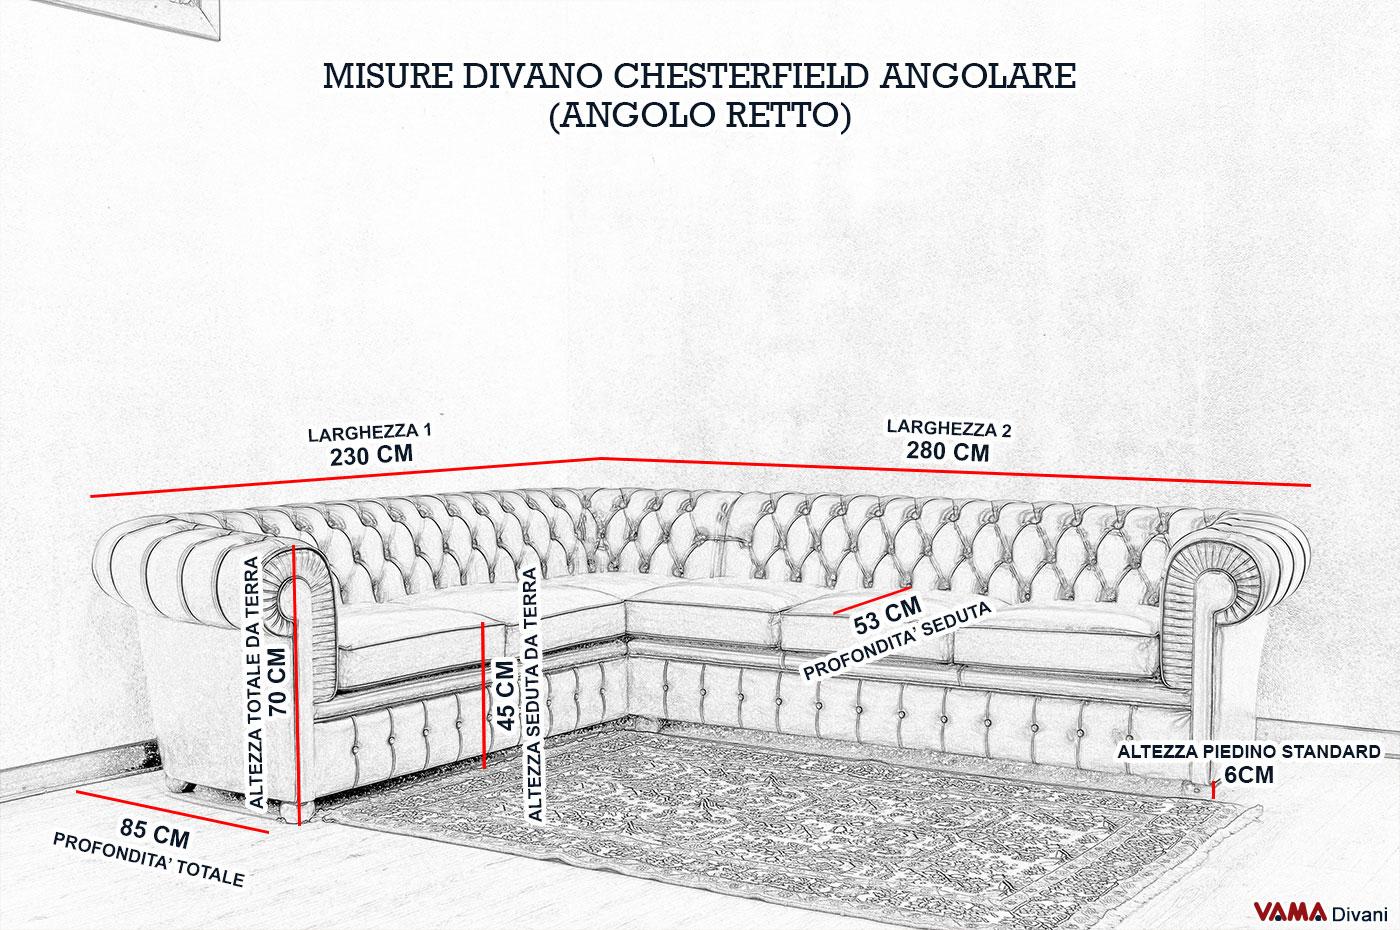 Divano chesterfield angolare prezzi e misura for Divani ad angolo misure